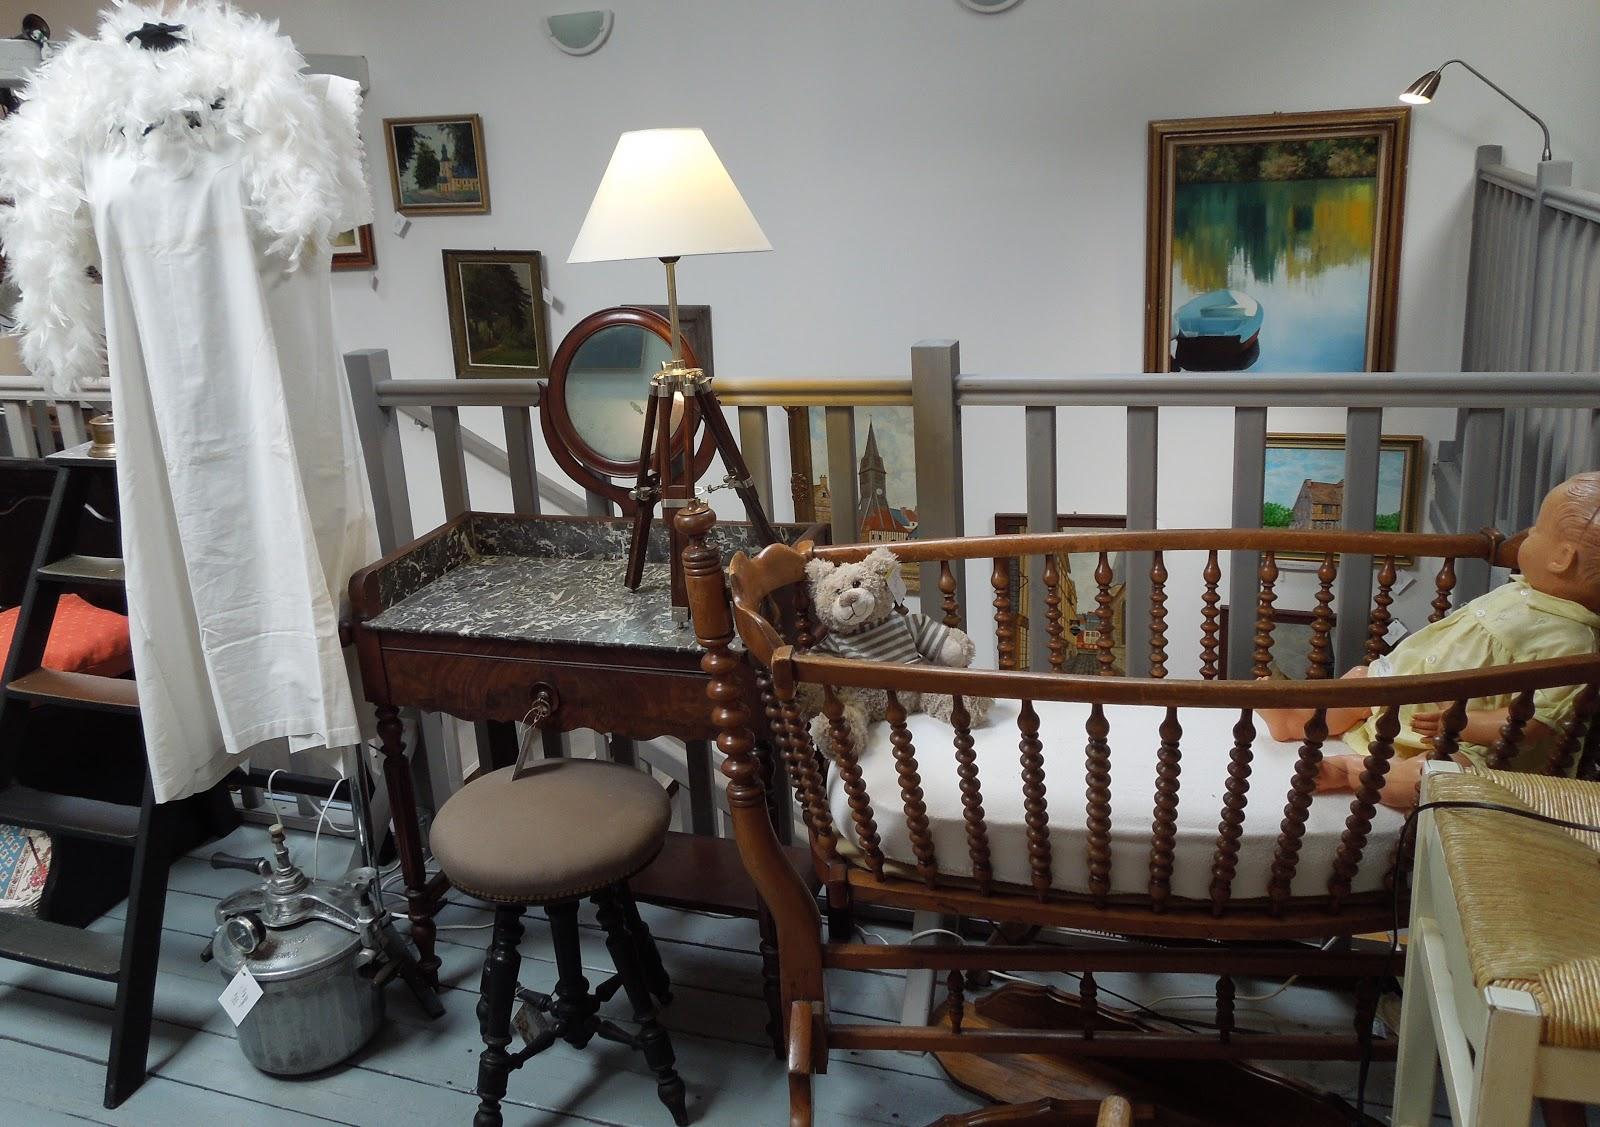 d p t vente honfleur le grenier de honfleur les petits coins douceur du grenier de honfleur. Black Bedroom Furniture Sets. Home Design Ideas